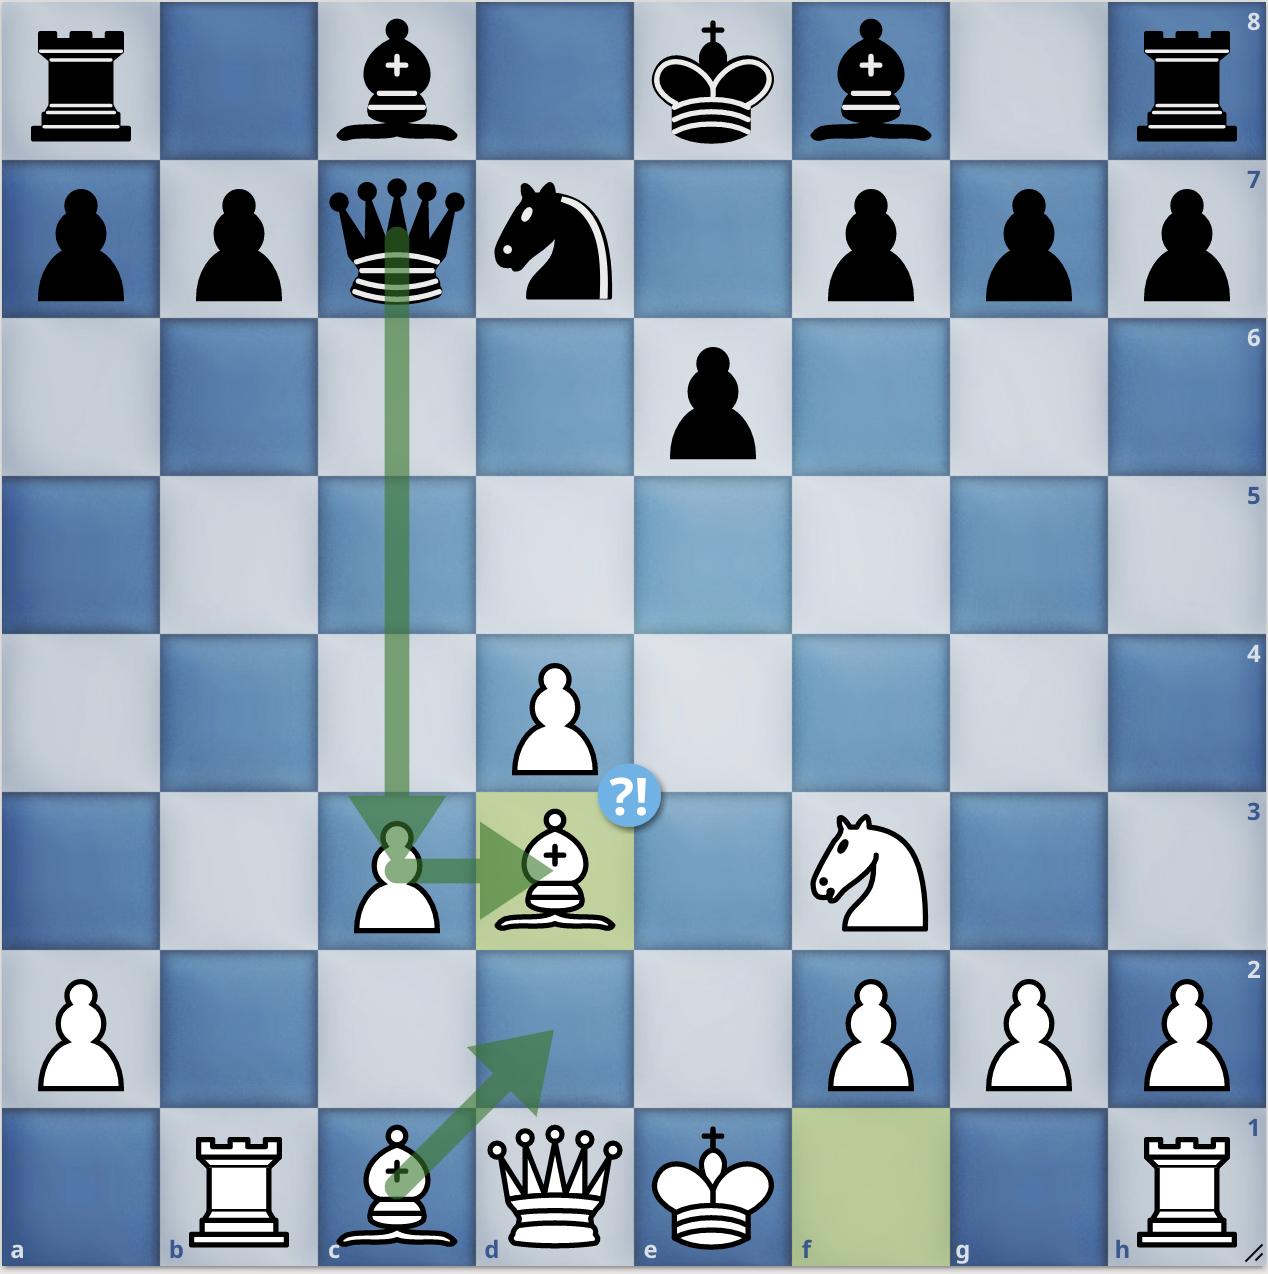 Thế cờ sau 9.Bd3. Lúc này Đen có thể bắt tốt c3, mà không lo trắng lên tượng d2 nữa, vì hậu đen sẽ bắt tượng d3.